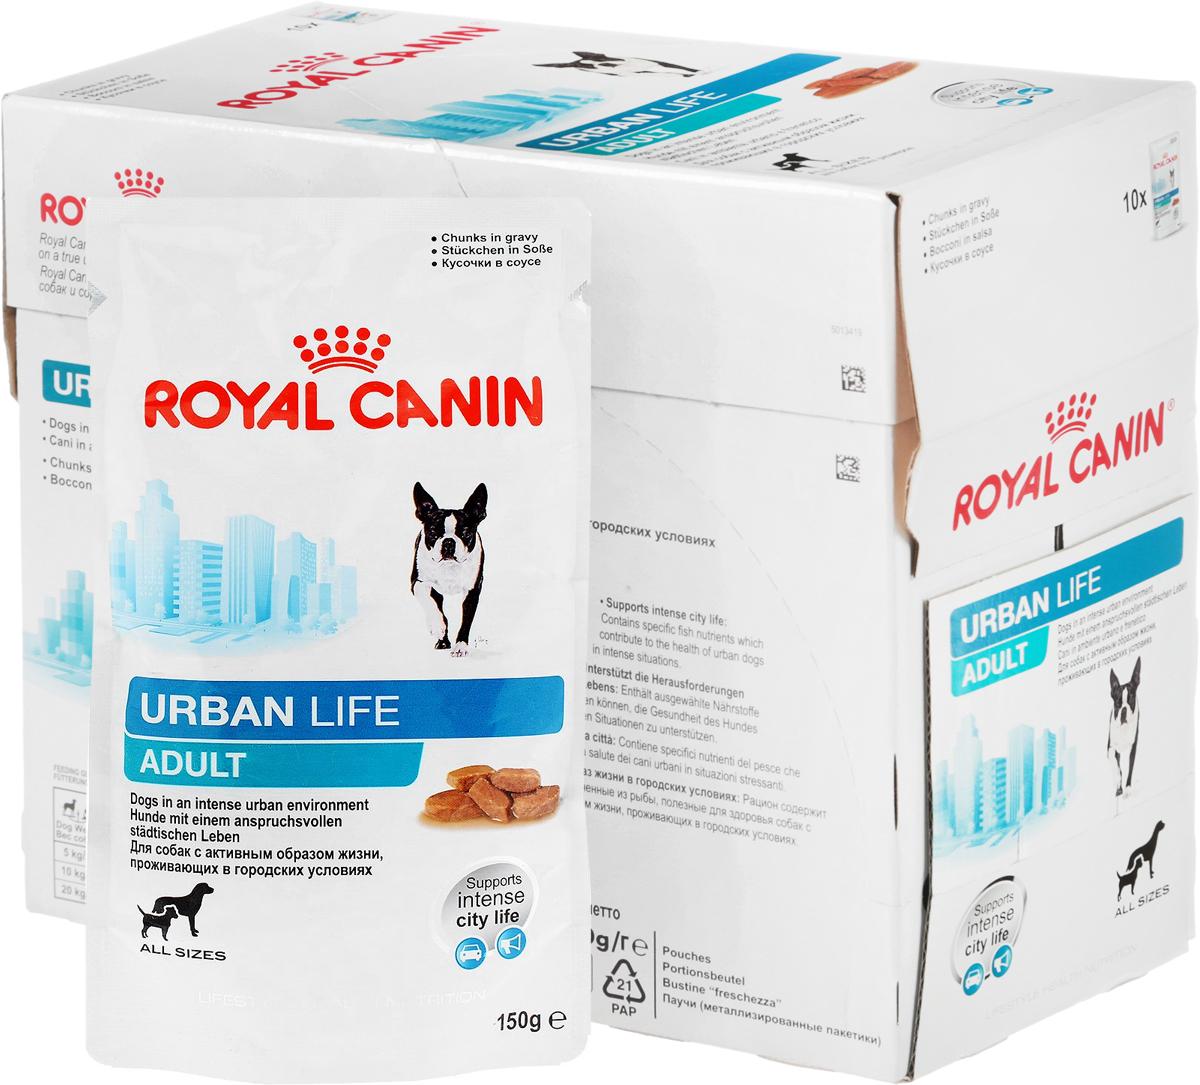 Консервы Royal Canin Urban Life Adult, для взрослых собак, живущих в городских условиях, мелкие кусочки в соусе, 150 г, 12 шт57332Консервы Royal Canin Urban Life Adult - это полнорационный корм для взрослых собак (весом менее 44 кг) в возрасте от 10-15 месяцев, живущих в городских условиях. Поддержка в городской среде. Собаки, живущие в городе, подвержены воздействию загрязненной окружающей среды, связанному с оксидативным стрессом. Urban Life Adult содержит уникальный комплекс антиоксидантов, помогающий собакам, живущим в городе, справляться с оксидативным стрессом, вызванным загрязнением окружающей среды. Продукт содержит ценные питательные вещества из рыбного сырья, которые также способствуют поддержанию здоровья городской собаки, часто сталкивающейся со стрессовыми ситуациями (городской шум, скопления людей, автомобильное движение).Поддержание жизненных сил. Содержание питательных веществ и энергии в продукте подобраны таким образом, чтобы сохранить здоровье собаки в насыщенной городской среде. В составе продукта присутствуют вещества, необходимые для обеспечения нормальной работы нервной системы. Состав: мясо и мясные субпродукты, злаки, экстракты белков растительного происхождения, масла и жиры, субпродукты растительного происхождения, минеральные вещества, рыба и рыбные субпродукты, источники углеводов, дрожжи.Добавки (в 1 кг): Витамин D3: 156 ME, Железо: 12 мг, Йод: 0,35 мг, Медь: 2,8 мг, Марганец: 3,7 мг, Цинк: 37 мг.Содержание питательных веществ: Белки: 7,5%, Жиры: 5%, Минеральные вещества: 1,4%, Клетчатка пищевая: 1%, Влажность: 79%.Товар сертифицирован.